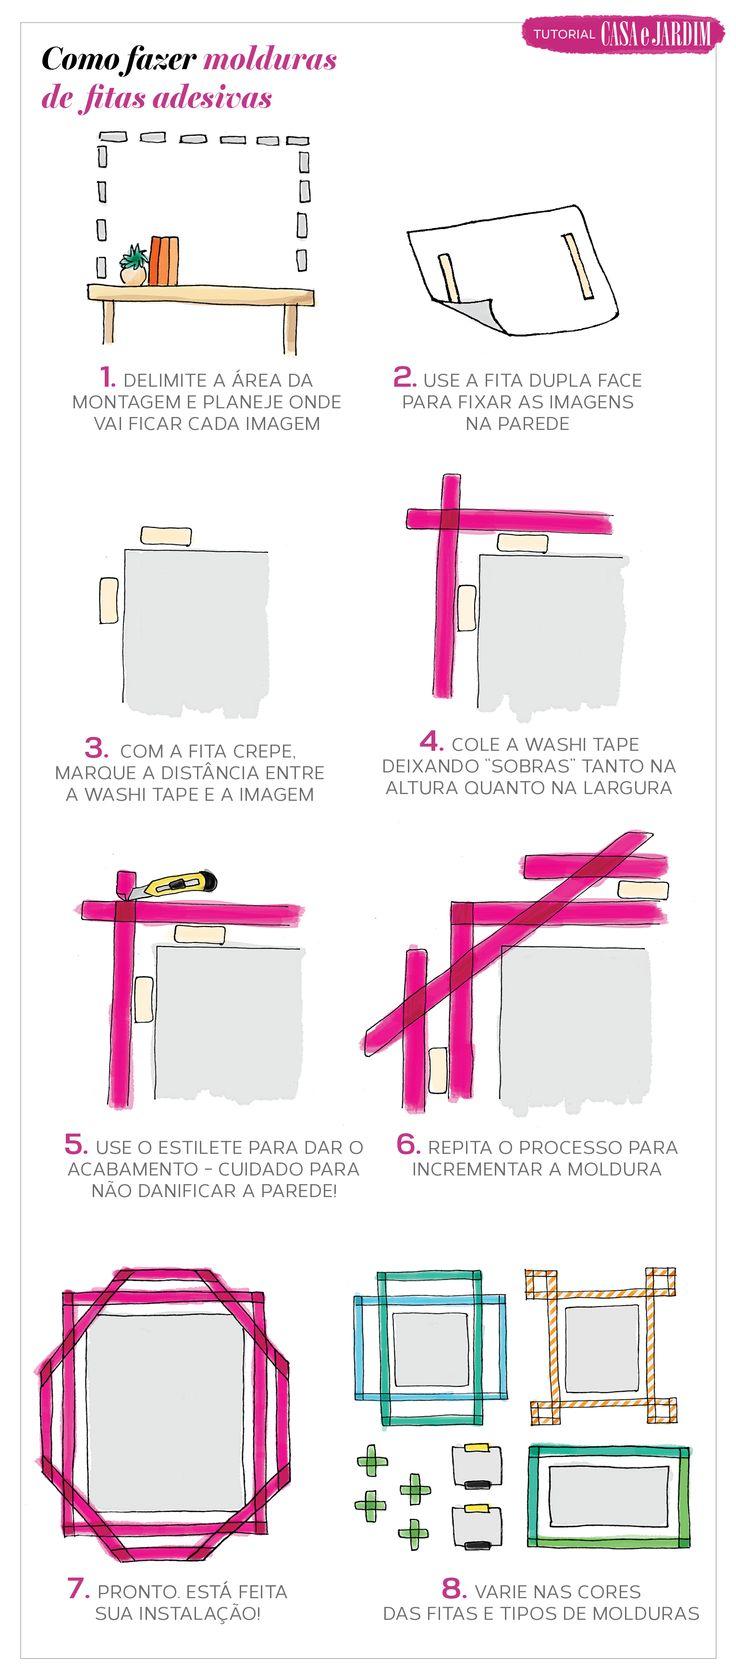 Faça molduras com fita adesiva washi tape, uma forma simples de renovar a decoração da sua casa sem furadeira!